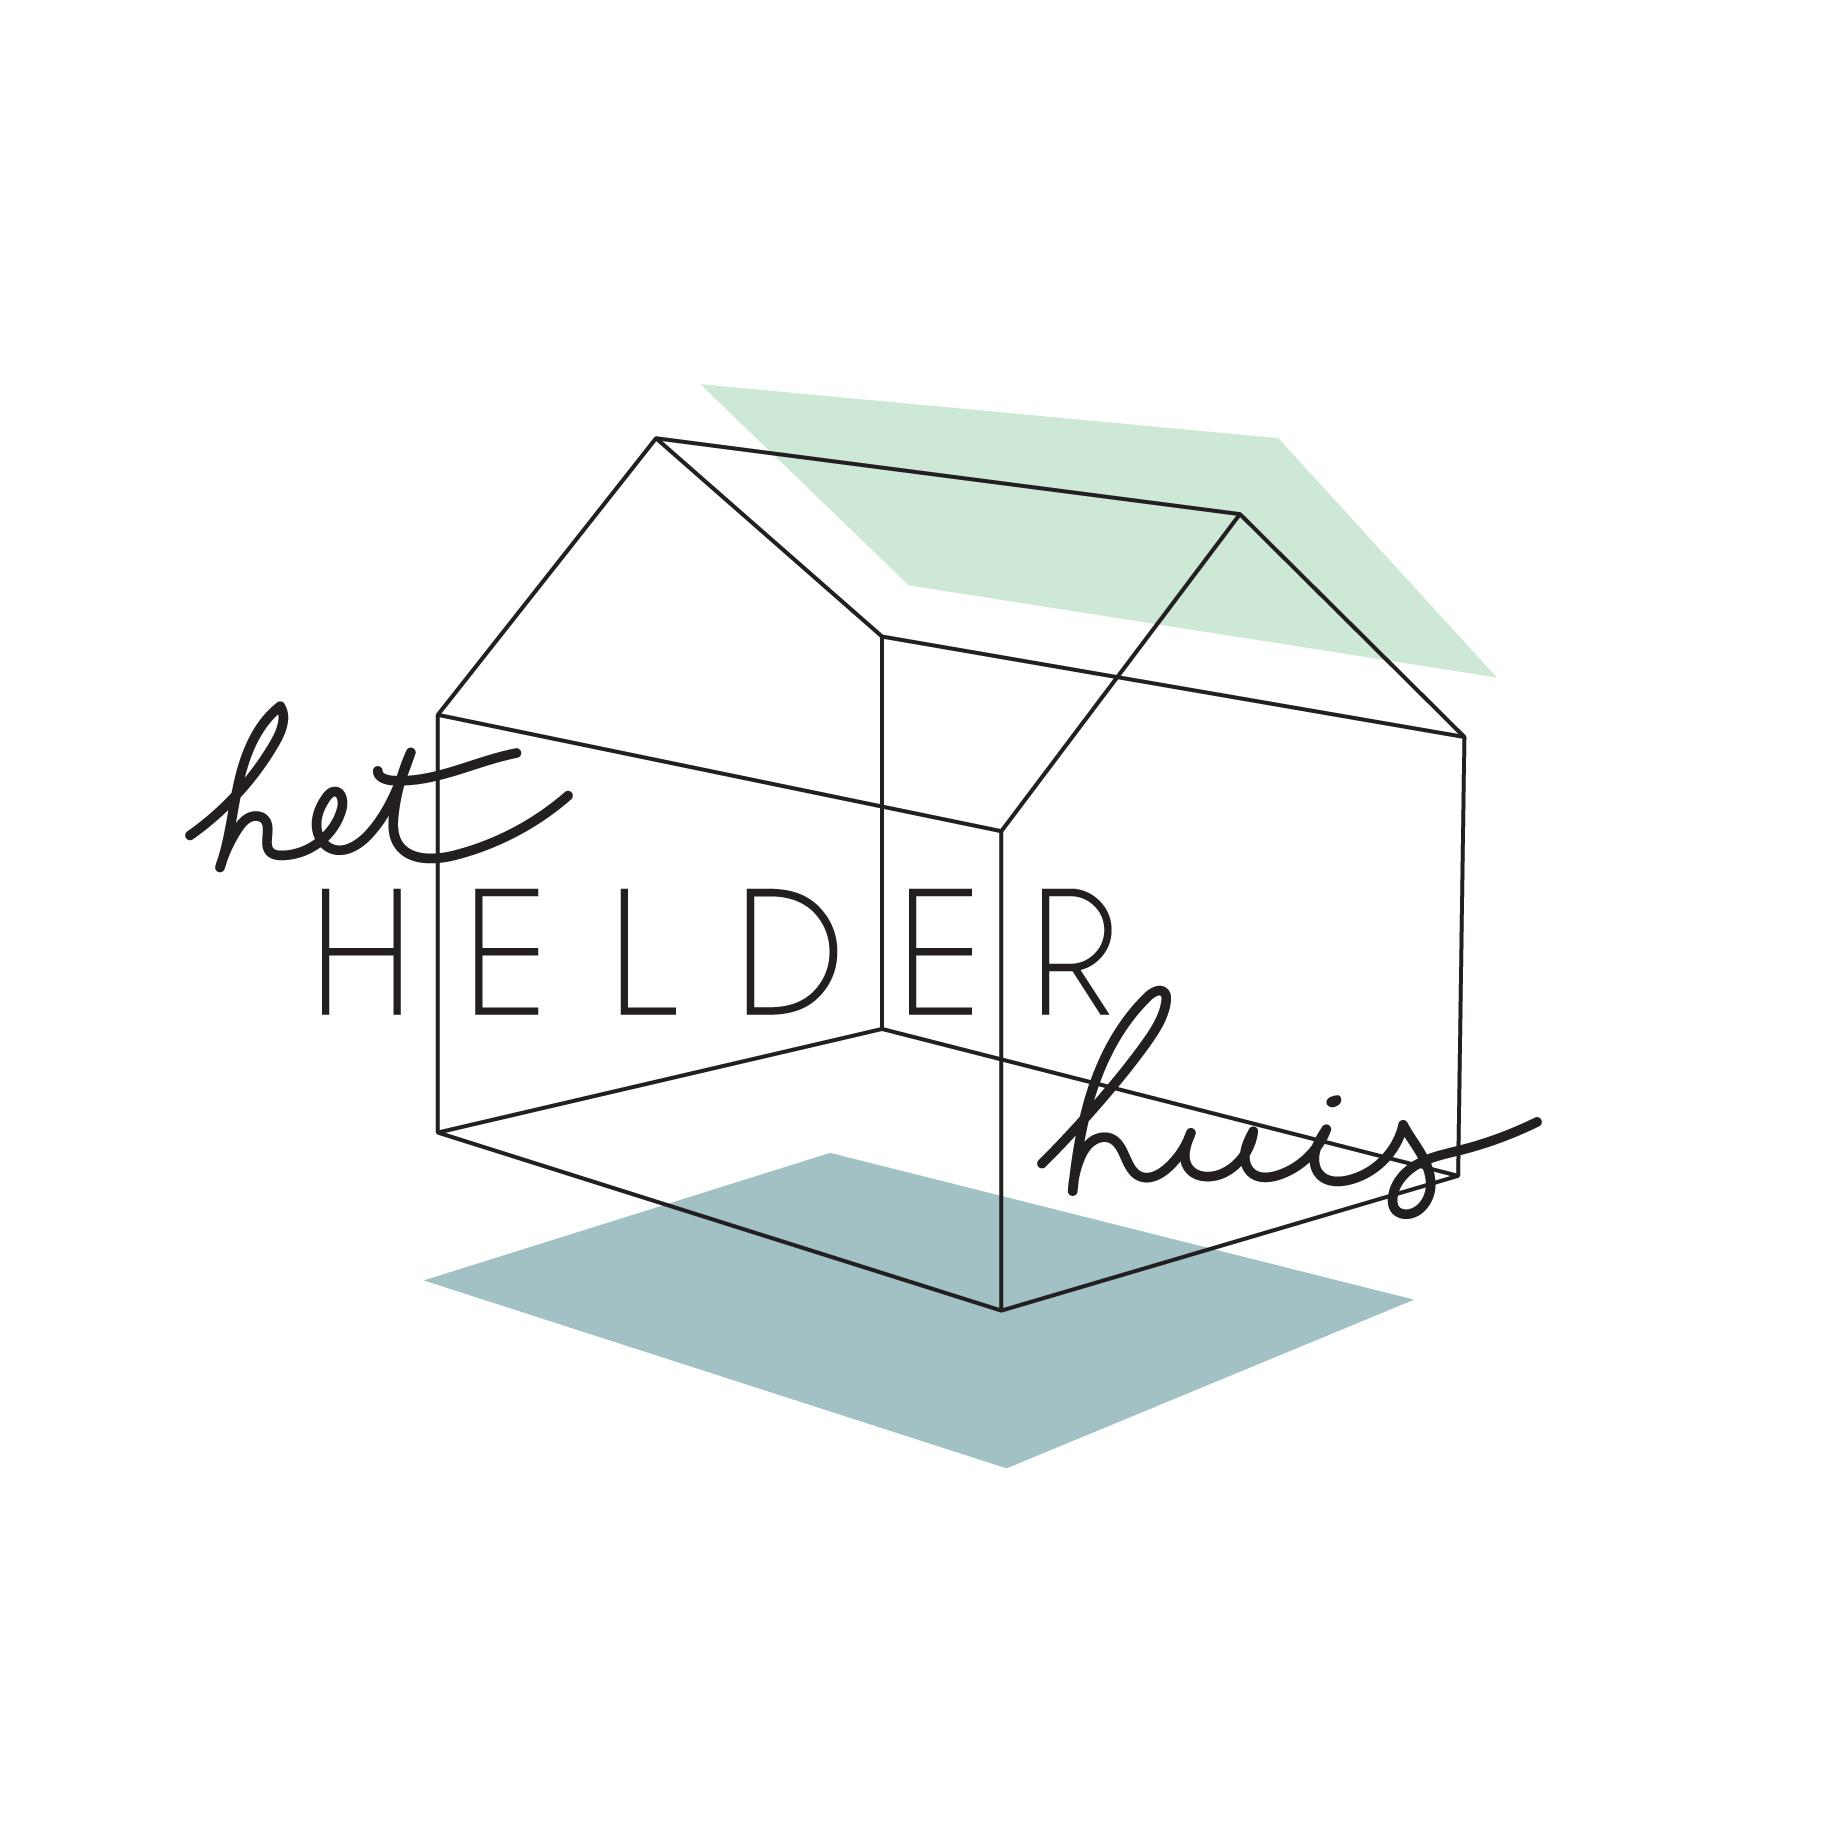 HET HELDERHUIS